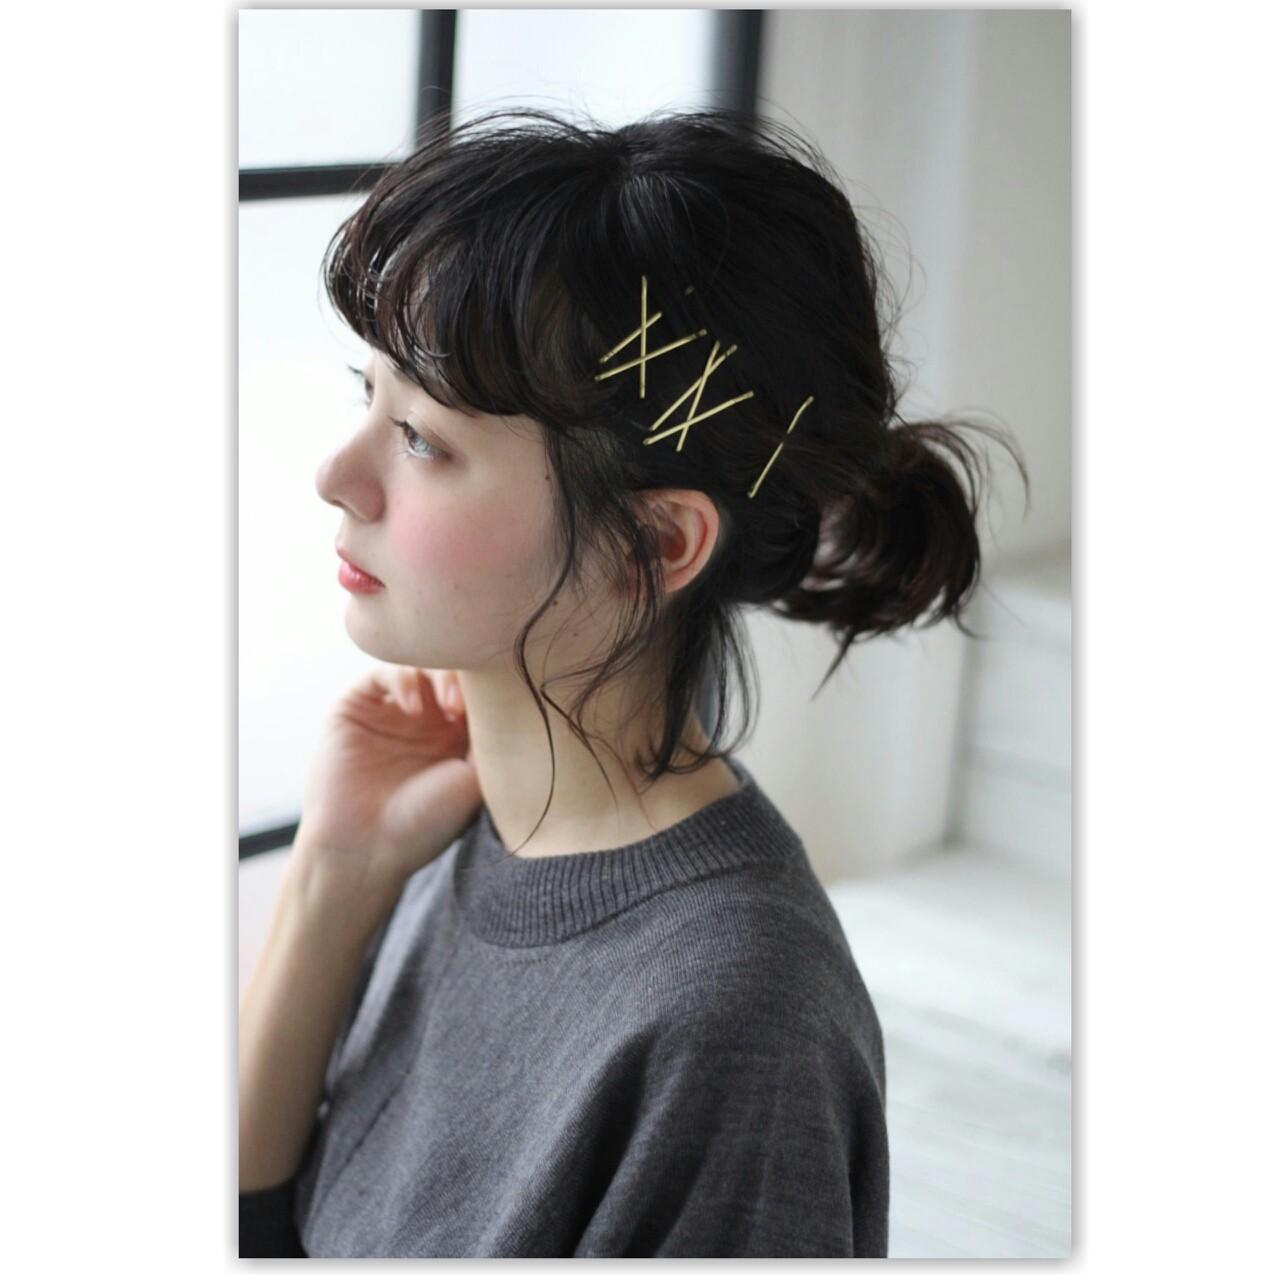 夏アレンジに使いたいヘアアクセ9選 MANAMI/NORA HAIR SALON